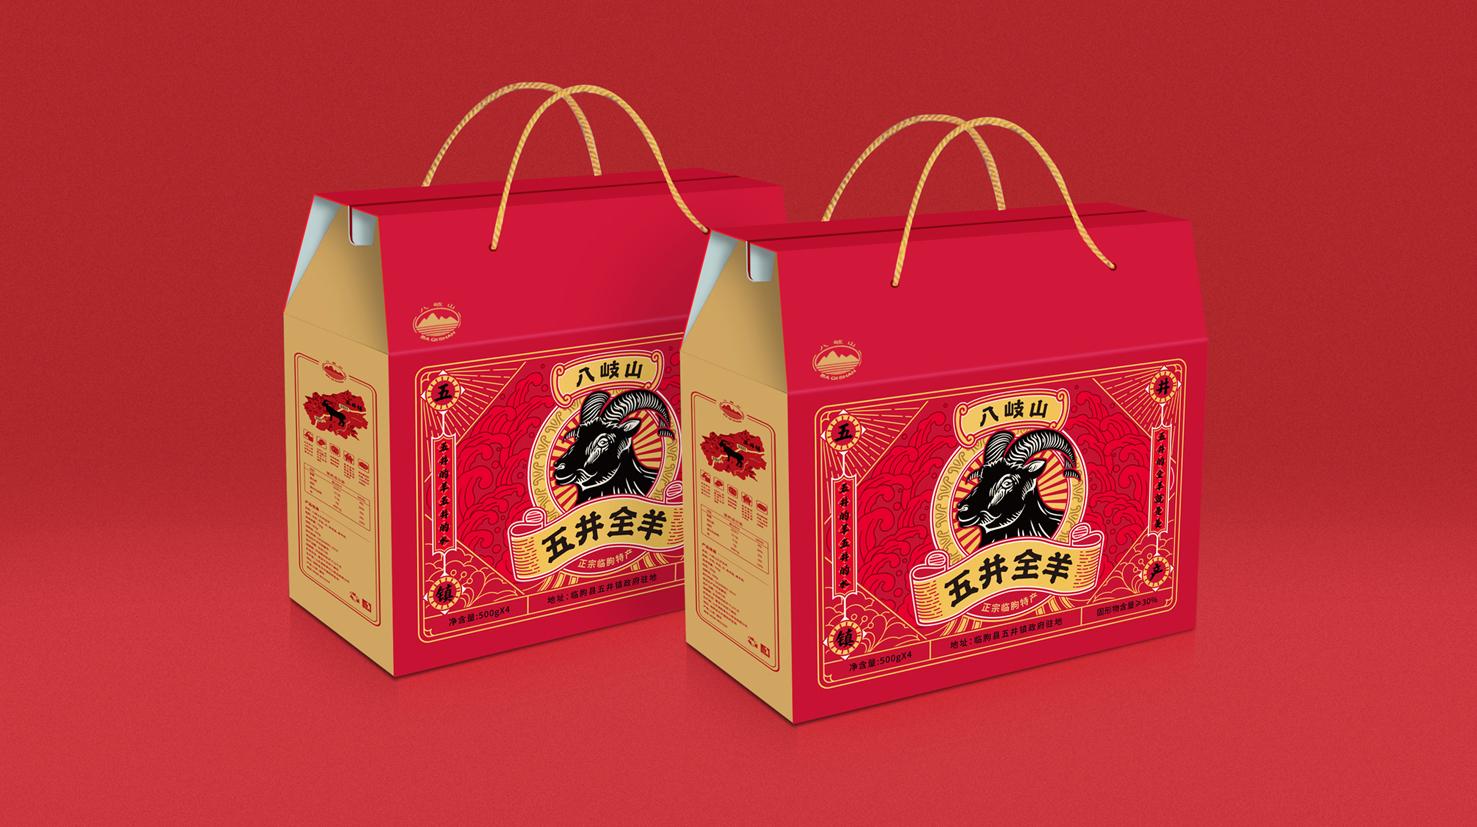 全羊肉特产礼盒